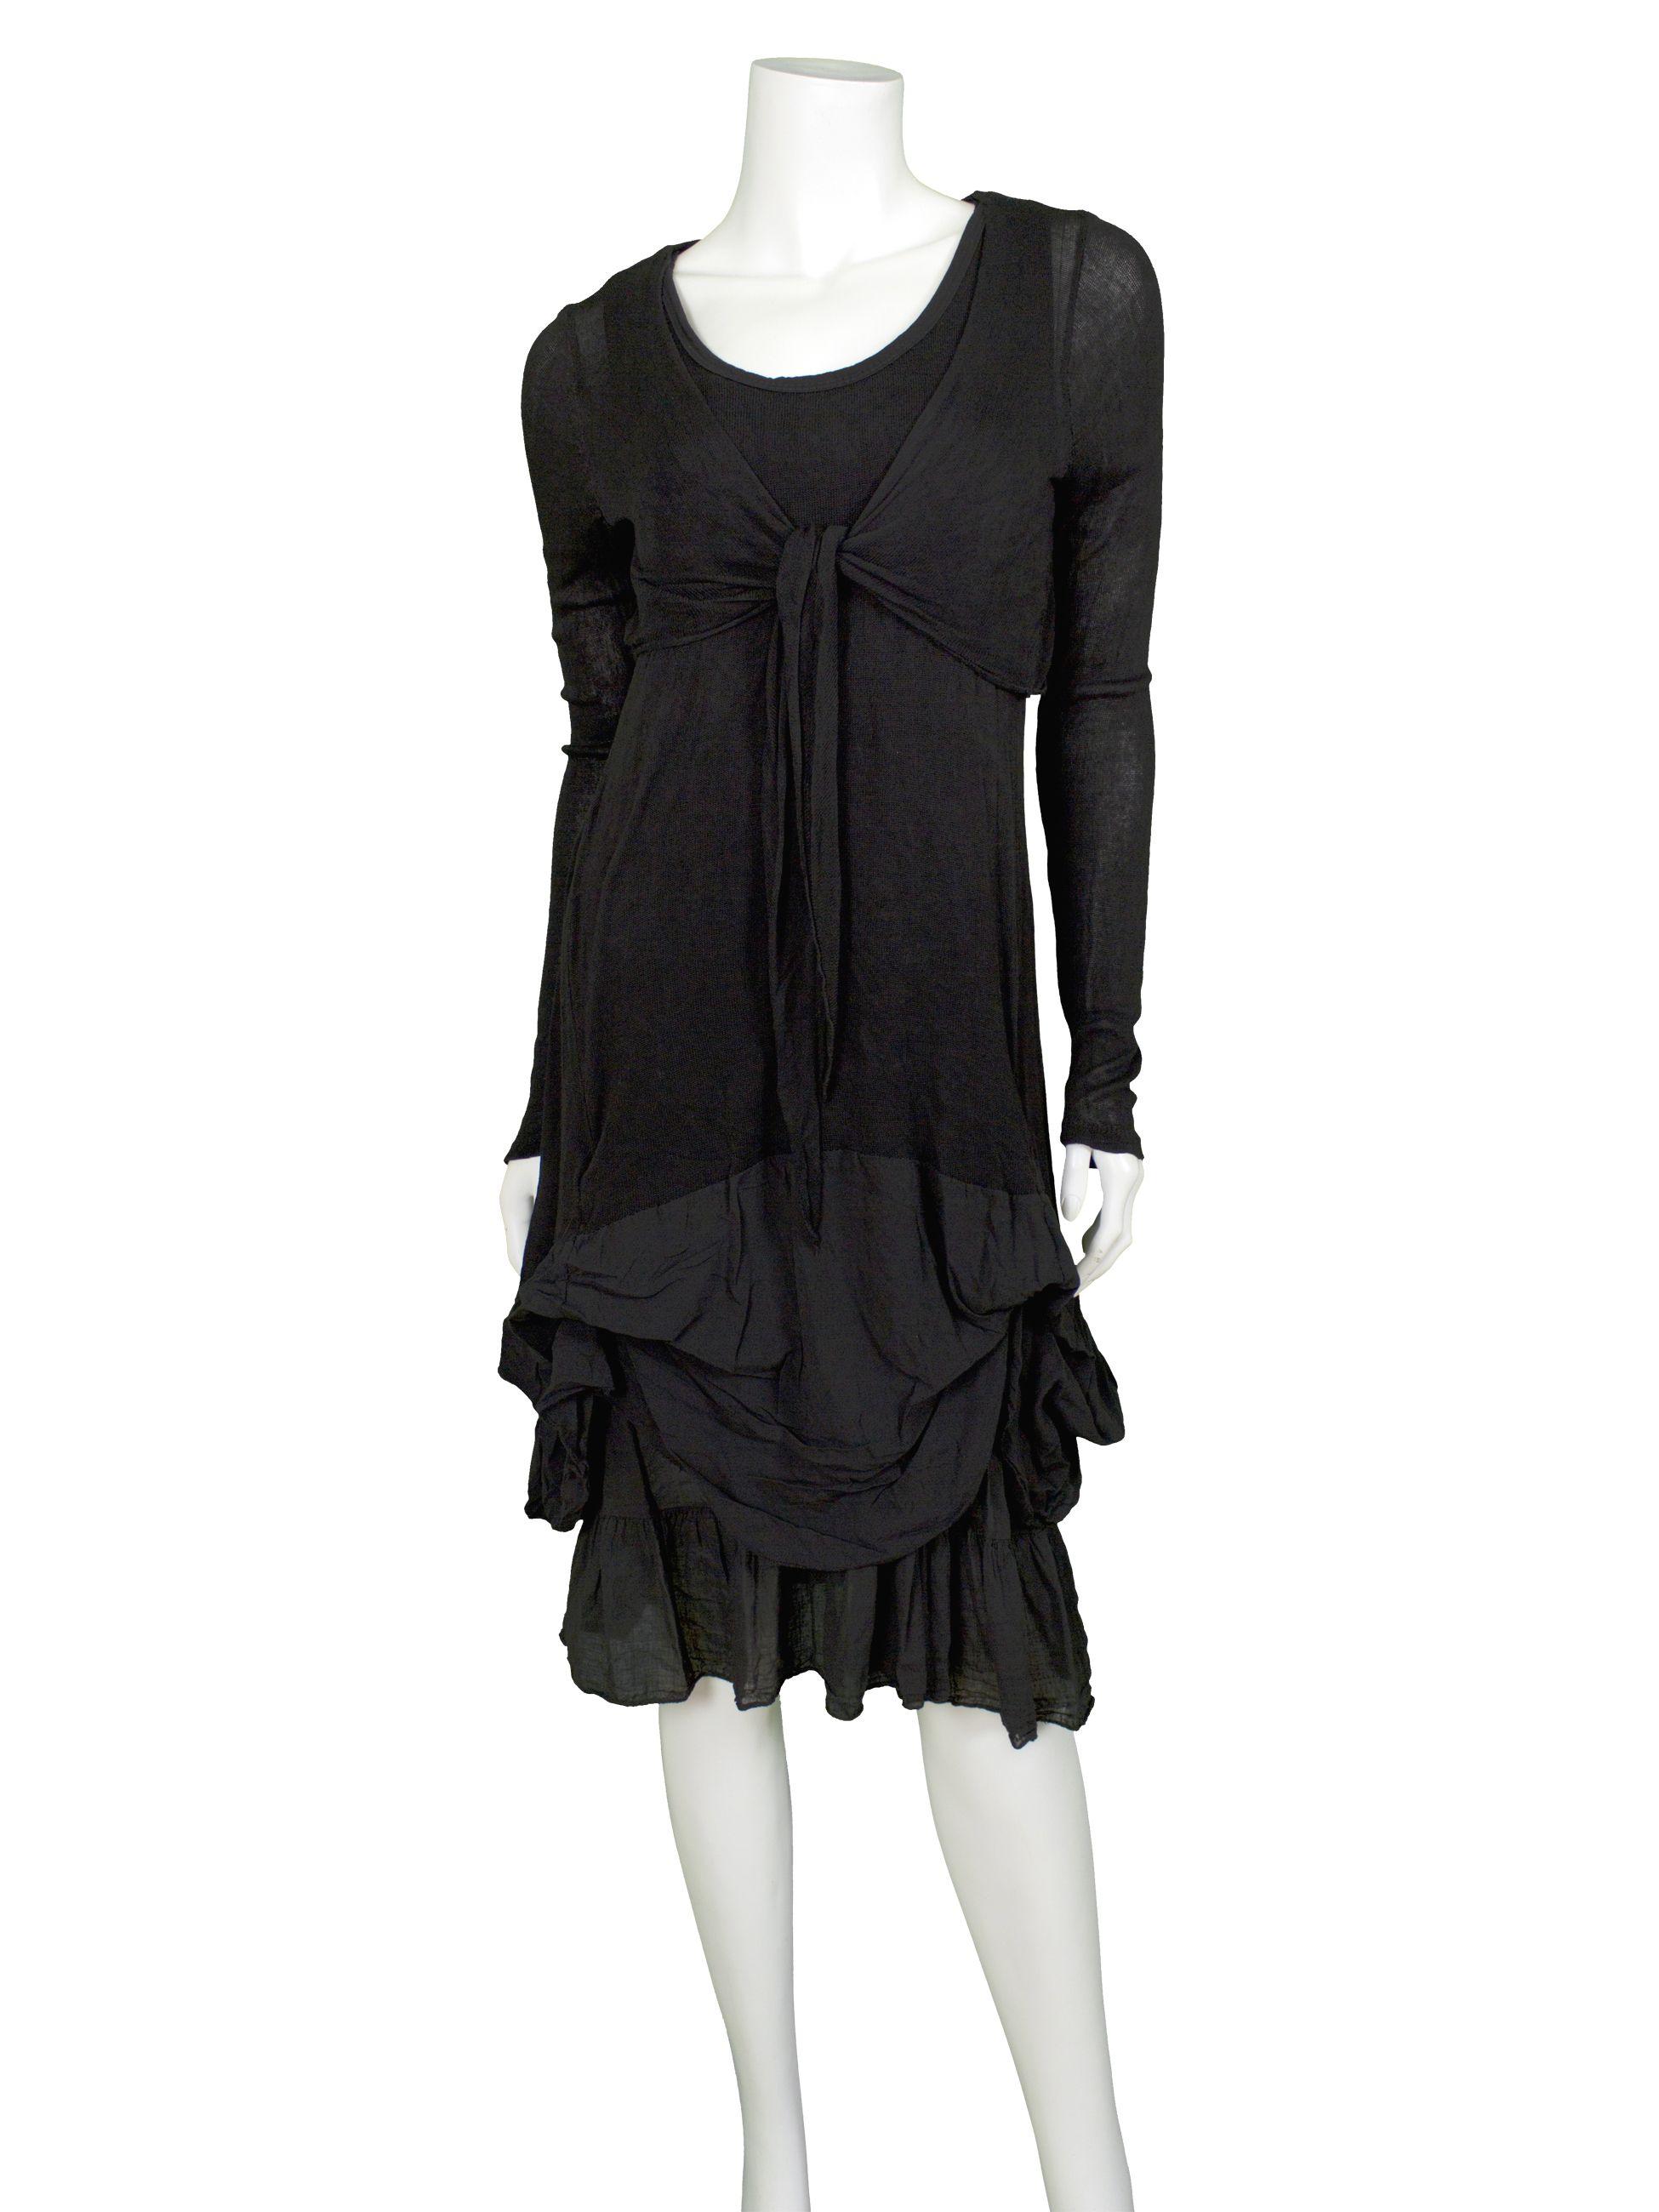 Kleid 3-tlg., schwarz - www.meinkleidchen.de | Kleider ...